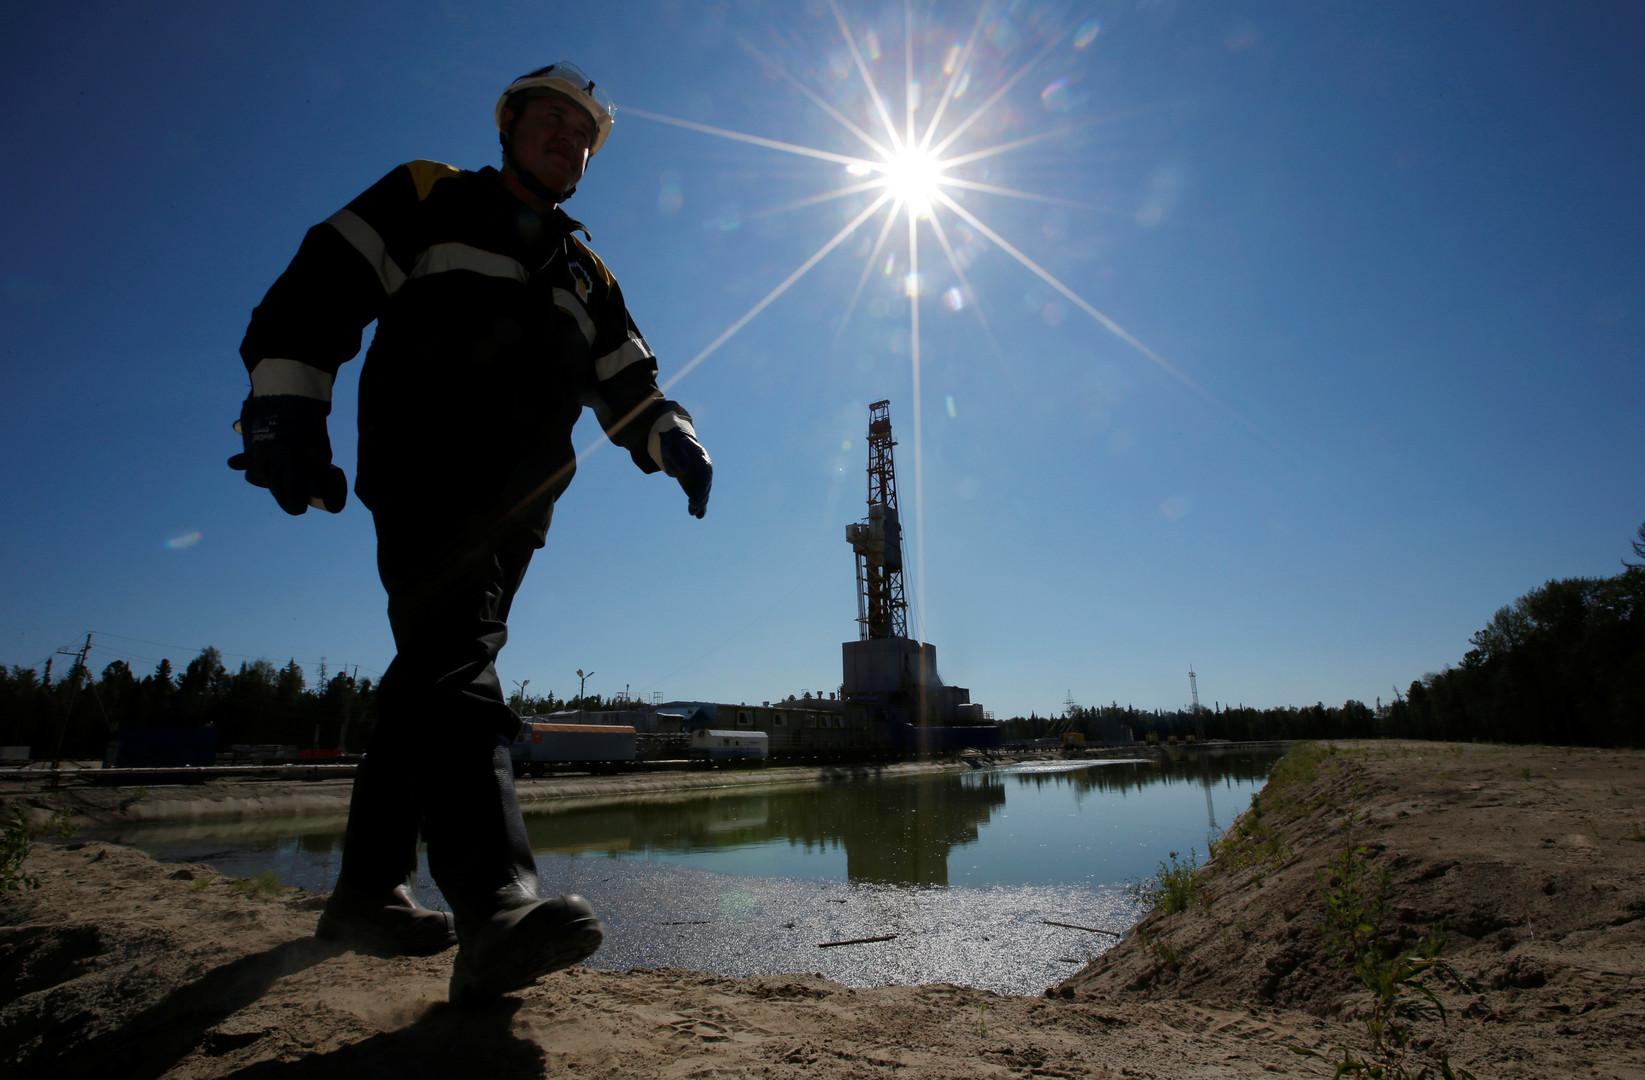 До и после $50: эксперты о том, чего ждать России от нефтяных цен